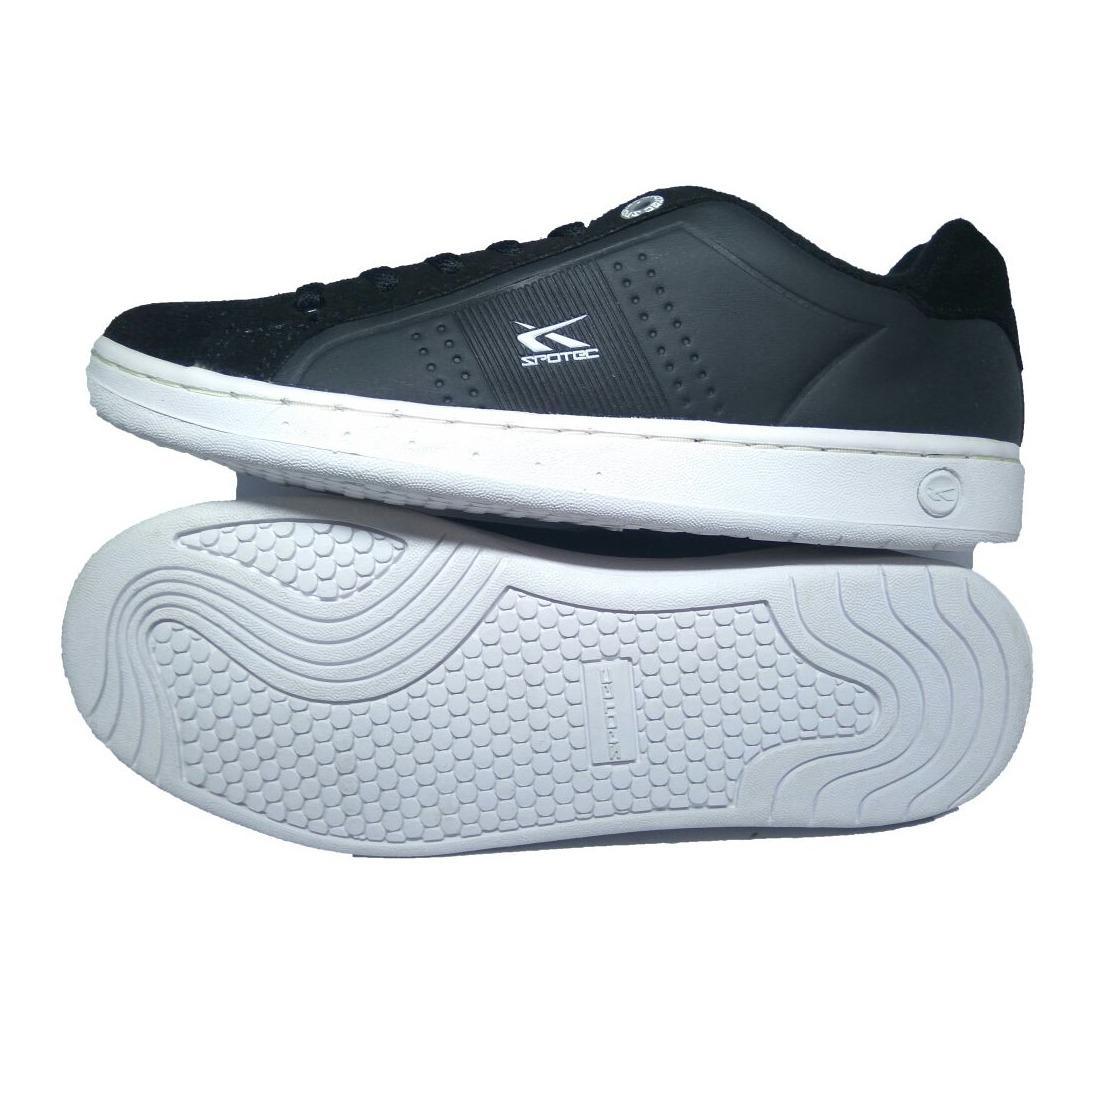 Hot Deals Sepatu sneaker - sepatu spotec layton lux - sepatu biru - sepatu casual -